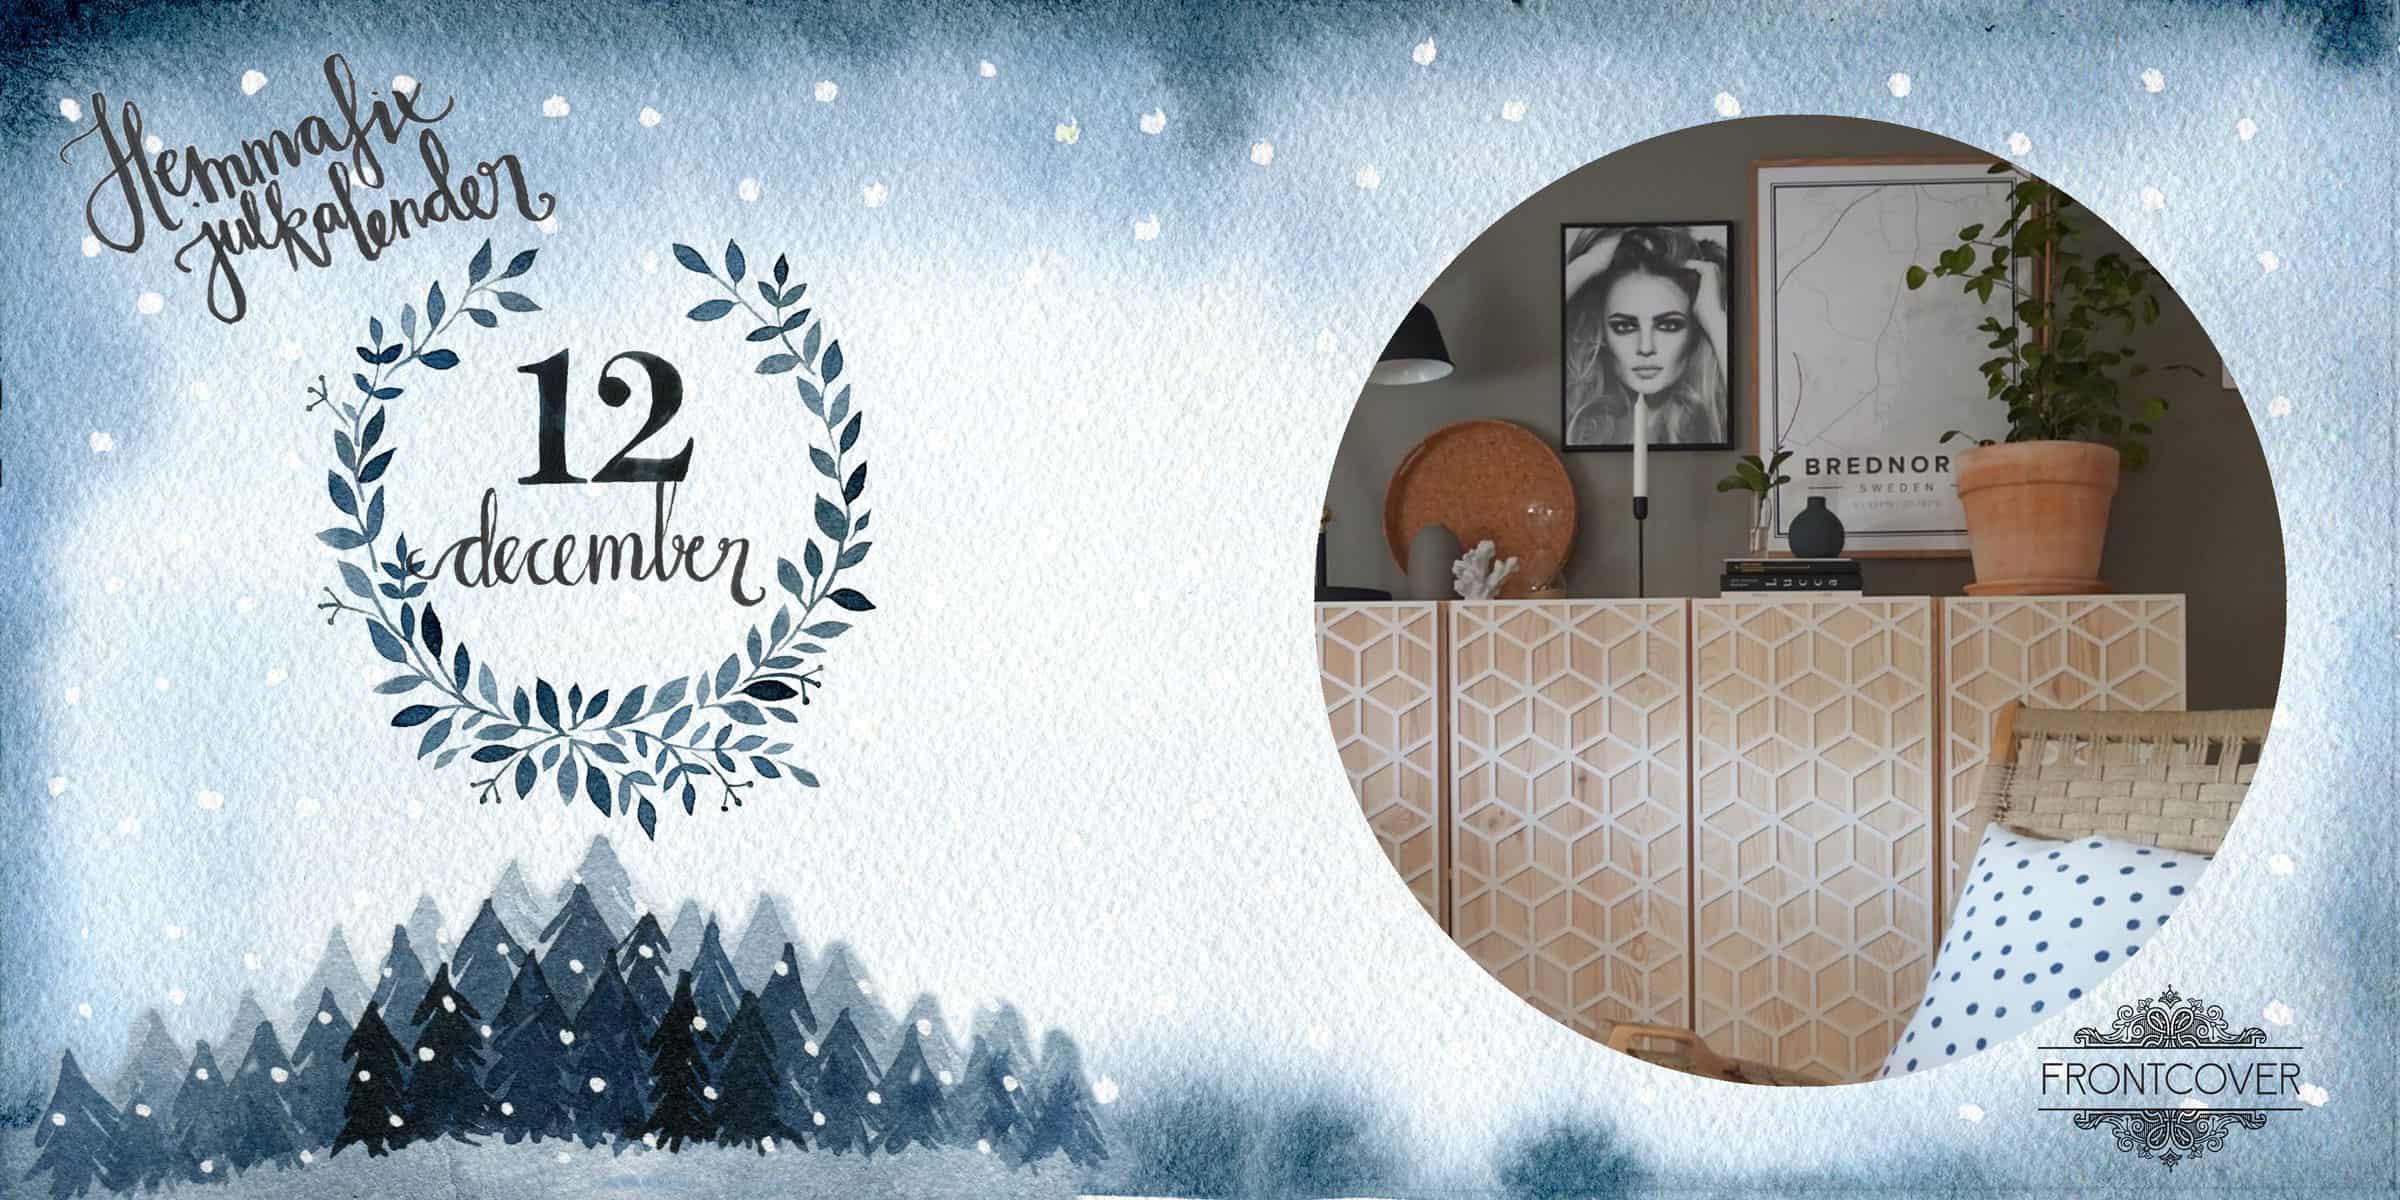 12 december: Vinn 1 500:- i presentkort från Frontcover